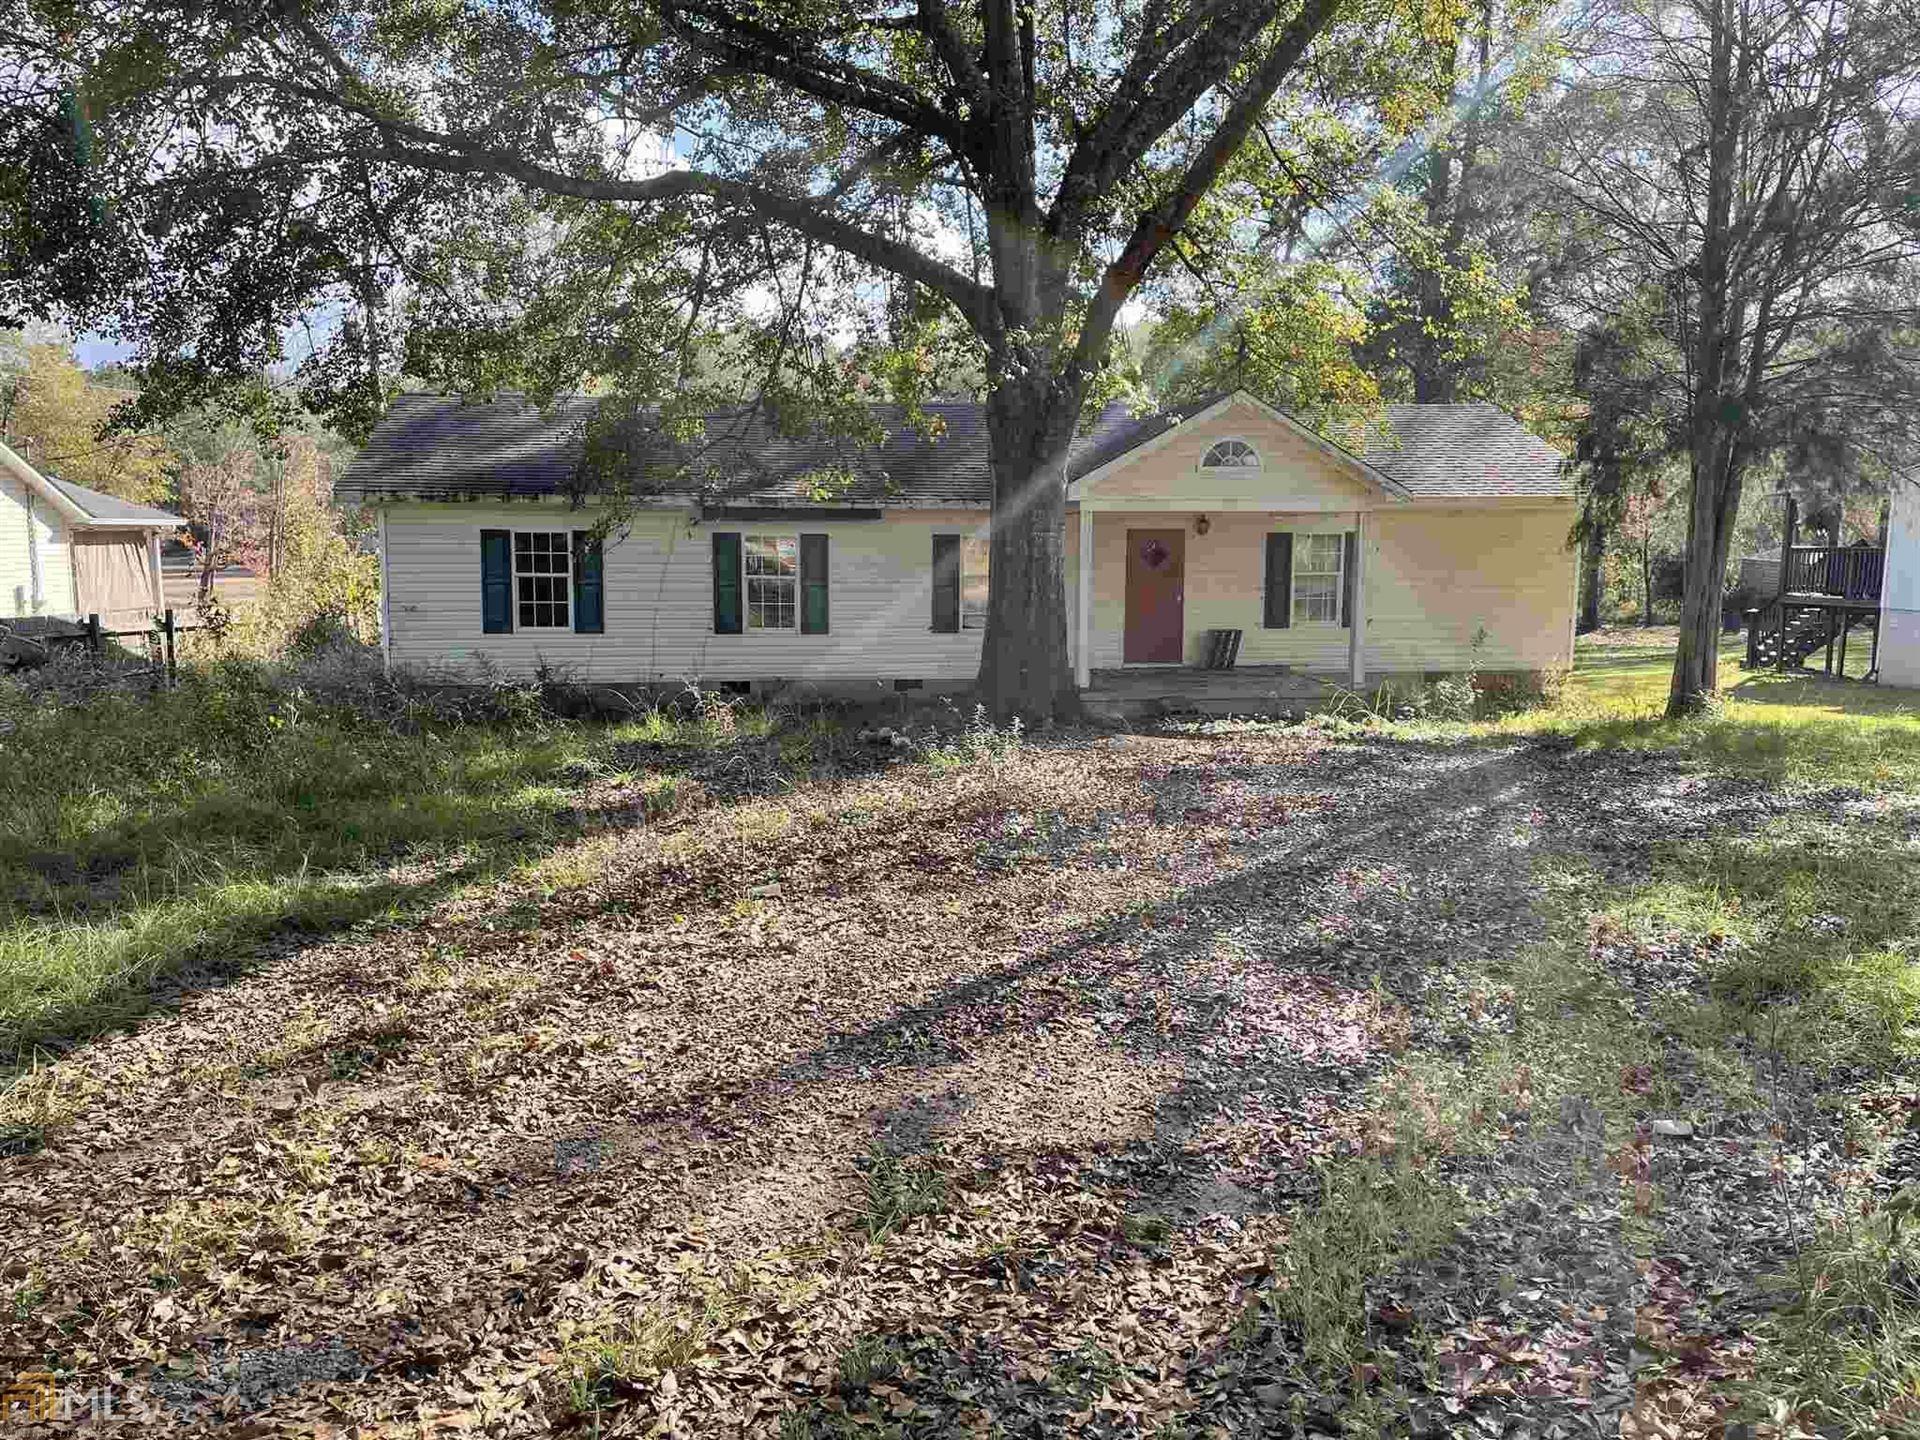 118 Merry Dr, Milledgeville, GA 31061 - MLS#: 8906888